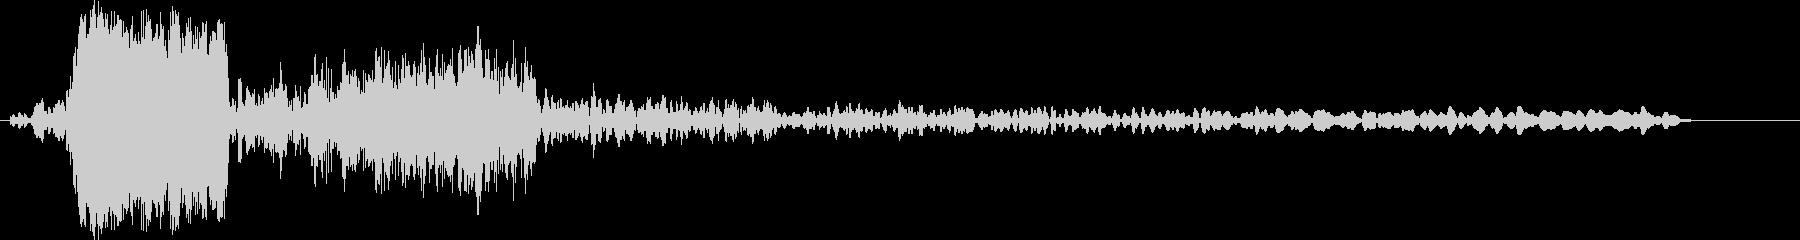 ギーグァーグオー (怪獣の鳴き声)の未再生の波形